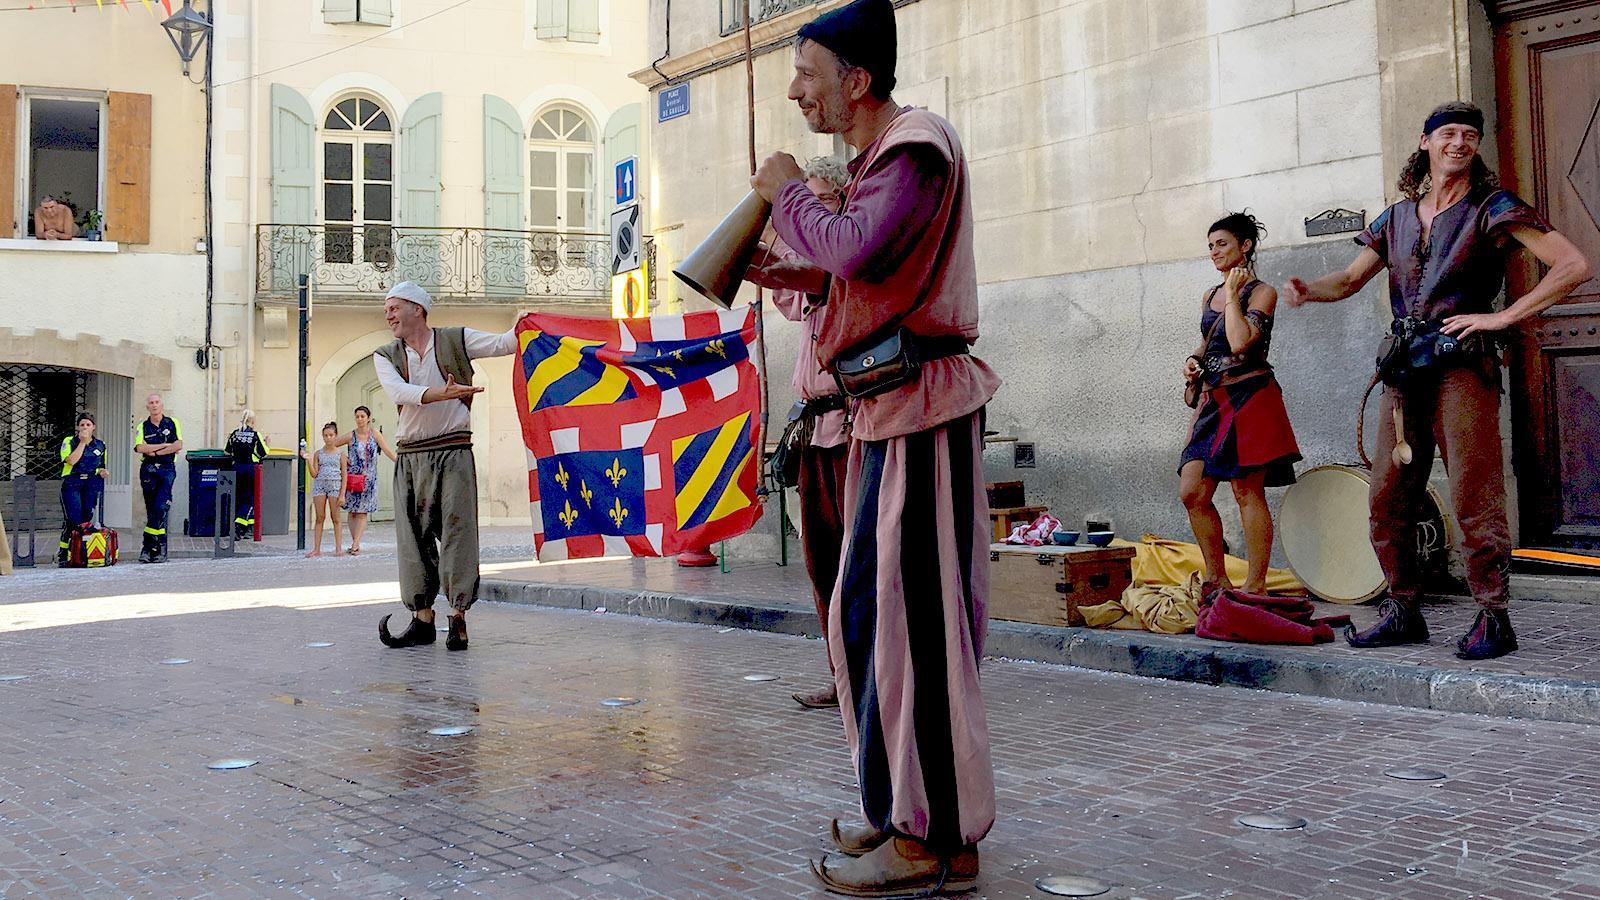 Straßenmusik, Artisten, Feuerschlucker und Akrobaktik: Auch die Unterhaltung beim Stadtfest setzt auf starke Emotionen. Foto: Hilke Maunder